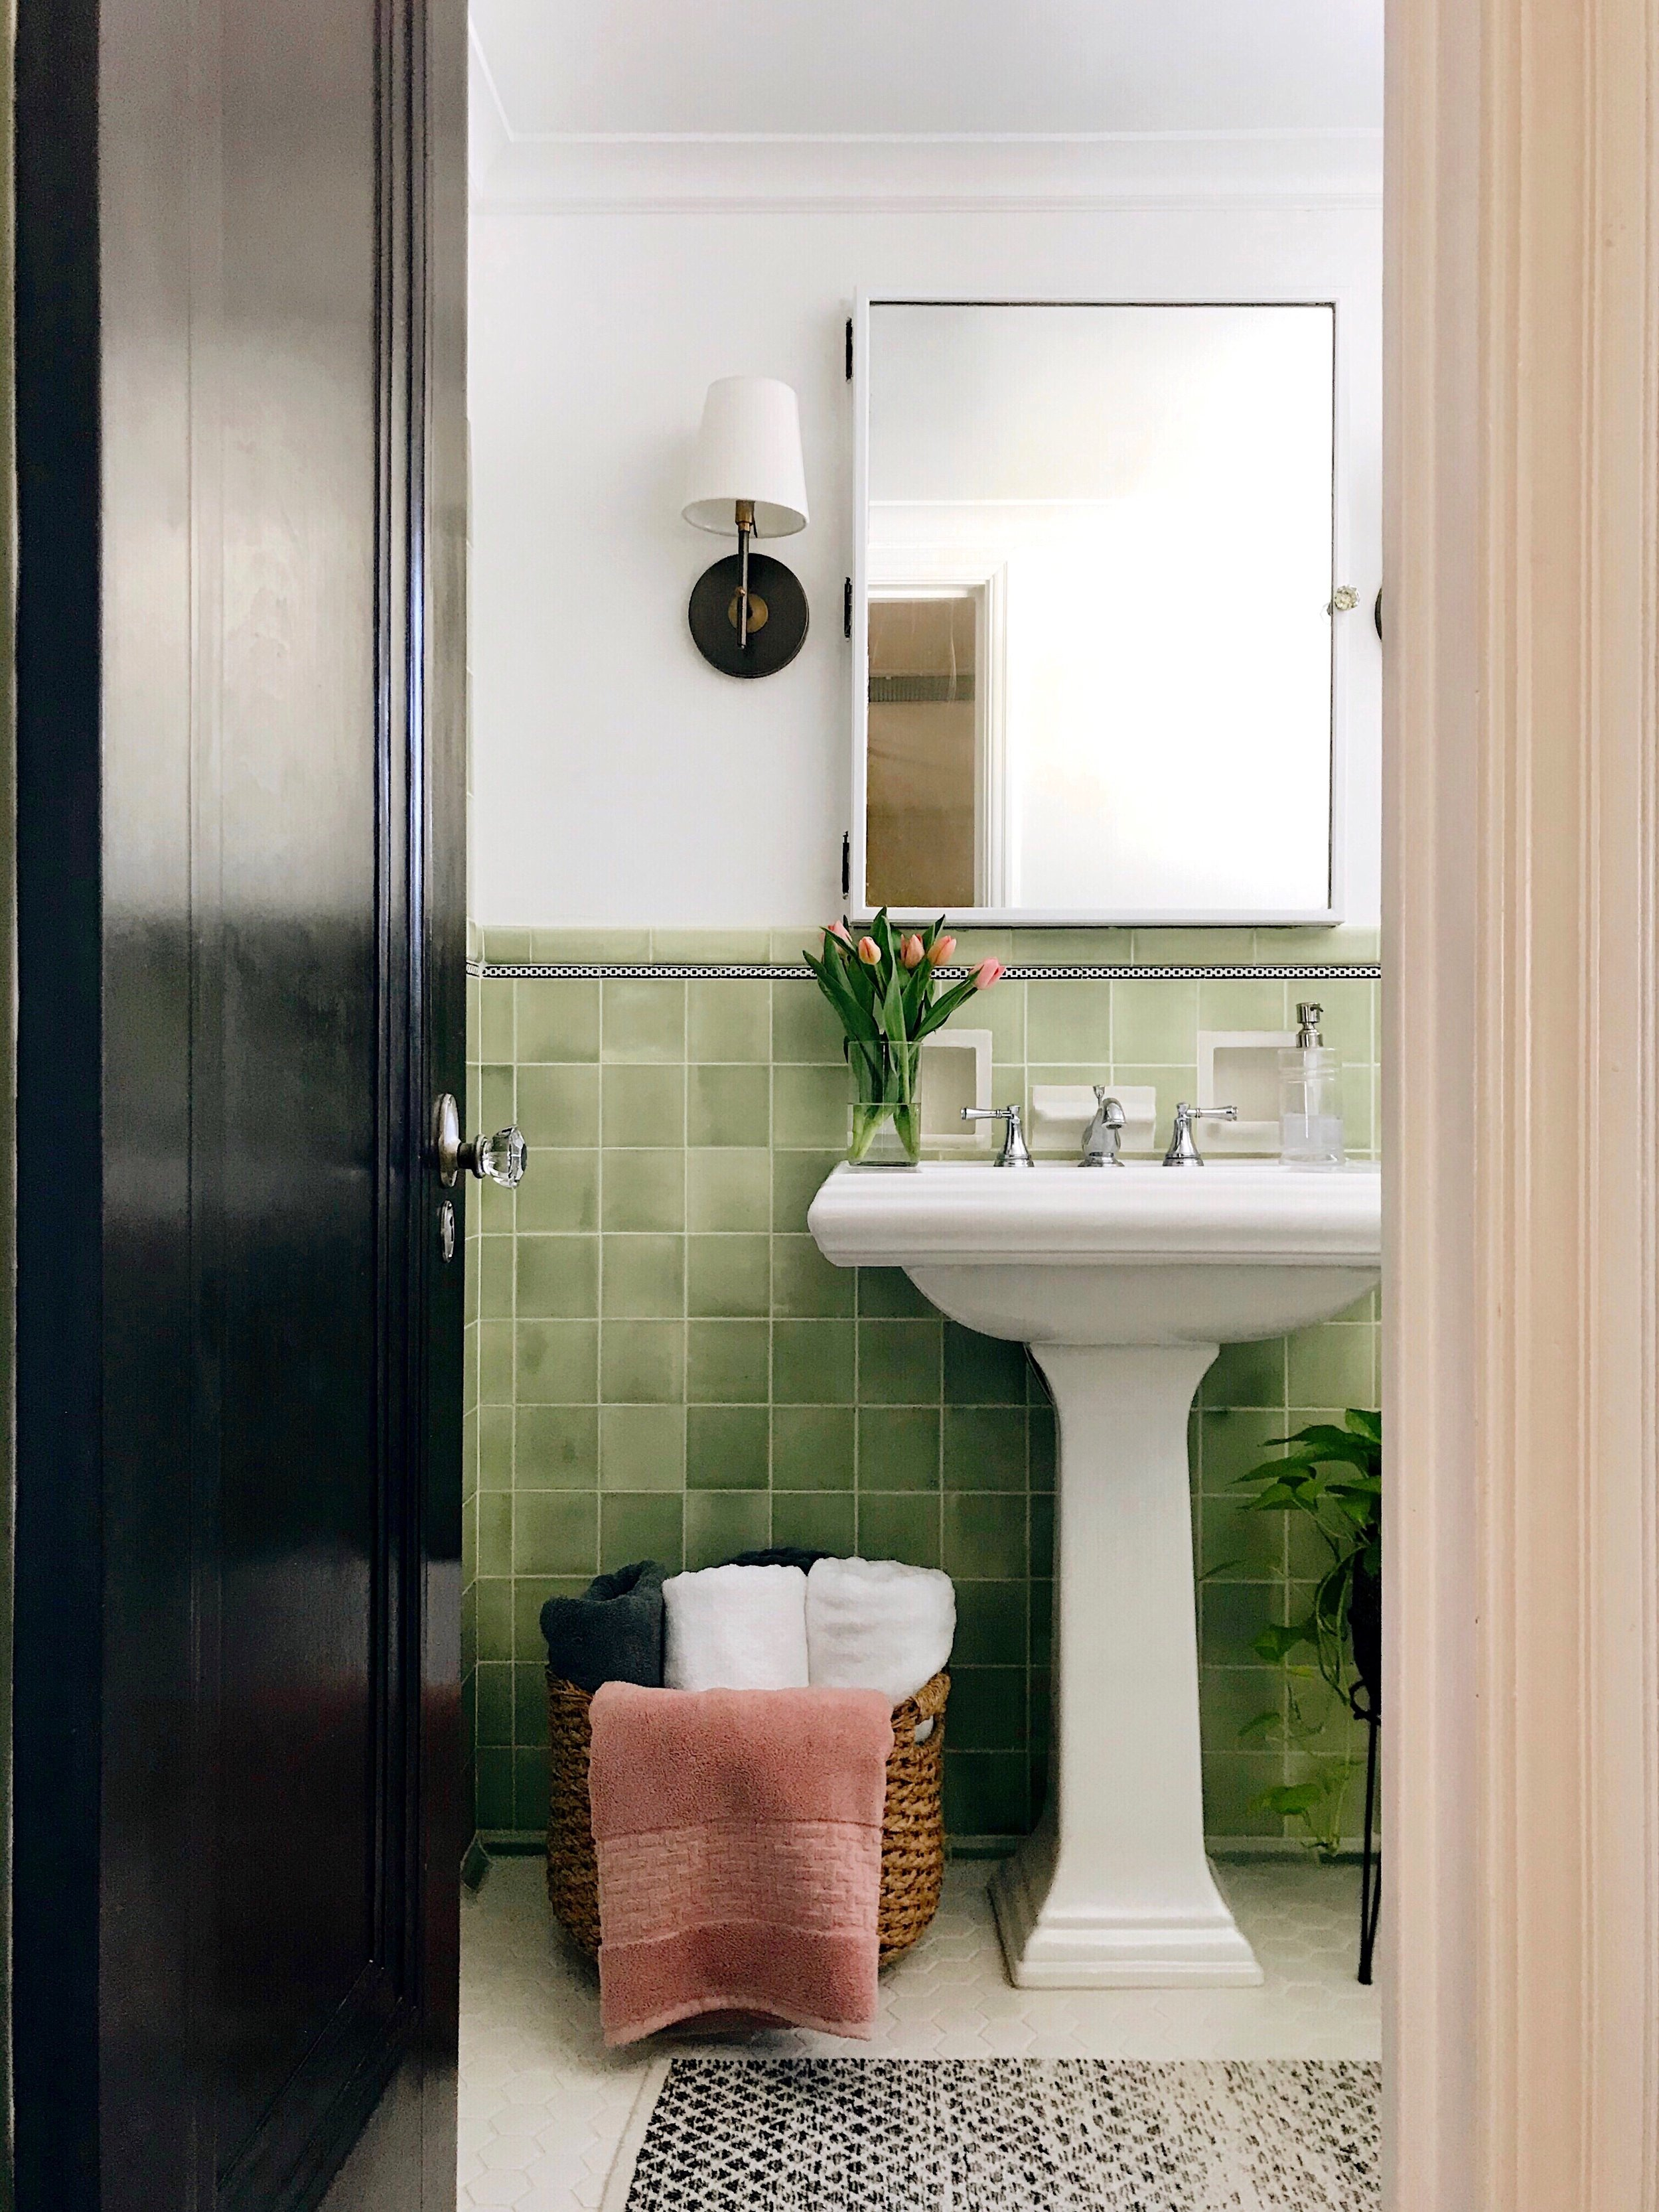 bath towels  here  | pedestal sink  here  | similar basket  here  | floor tile  here